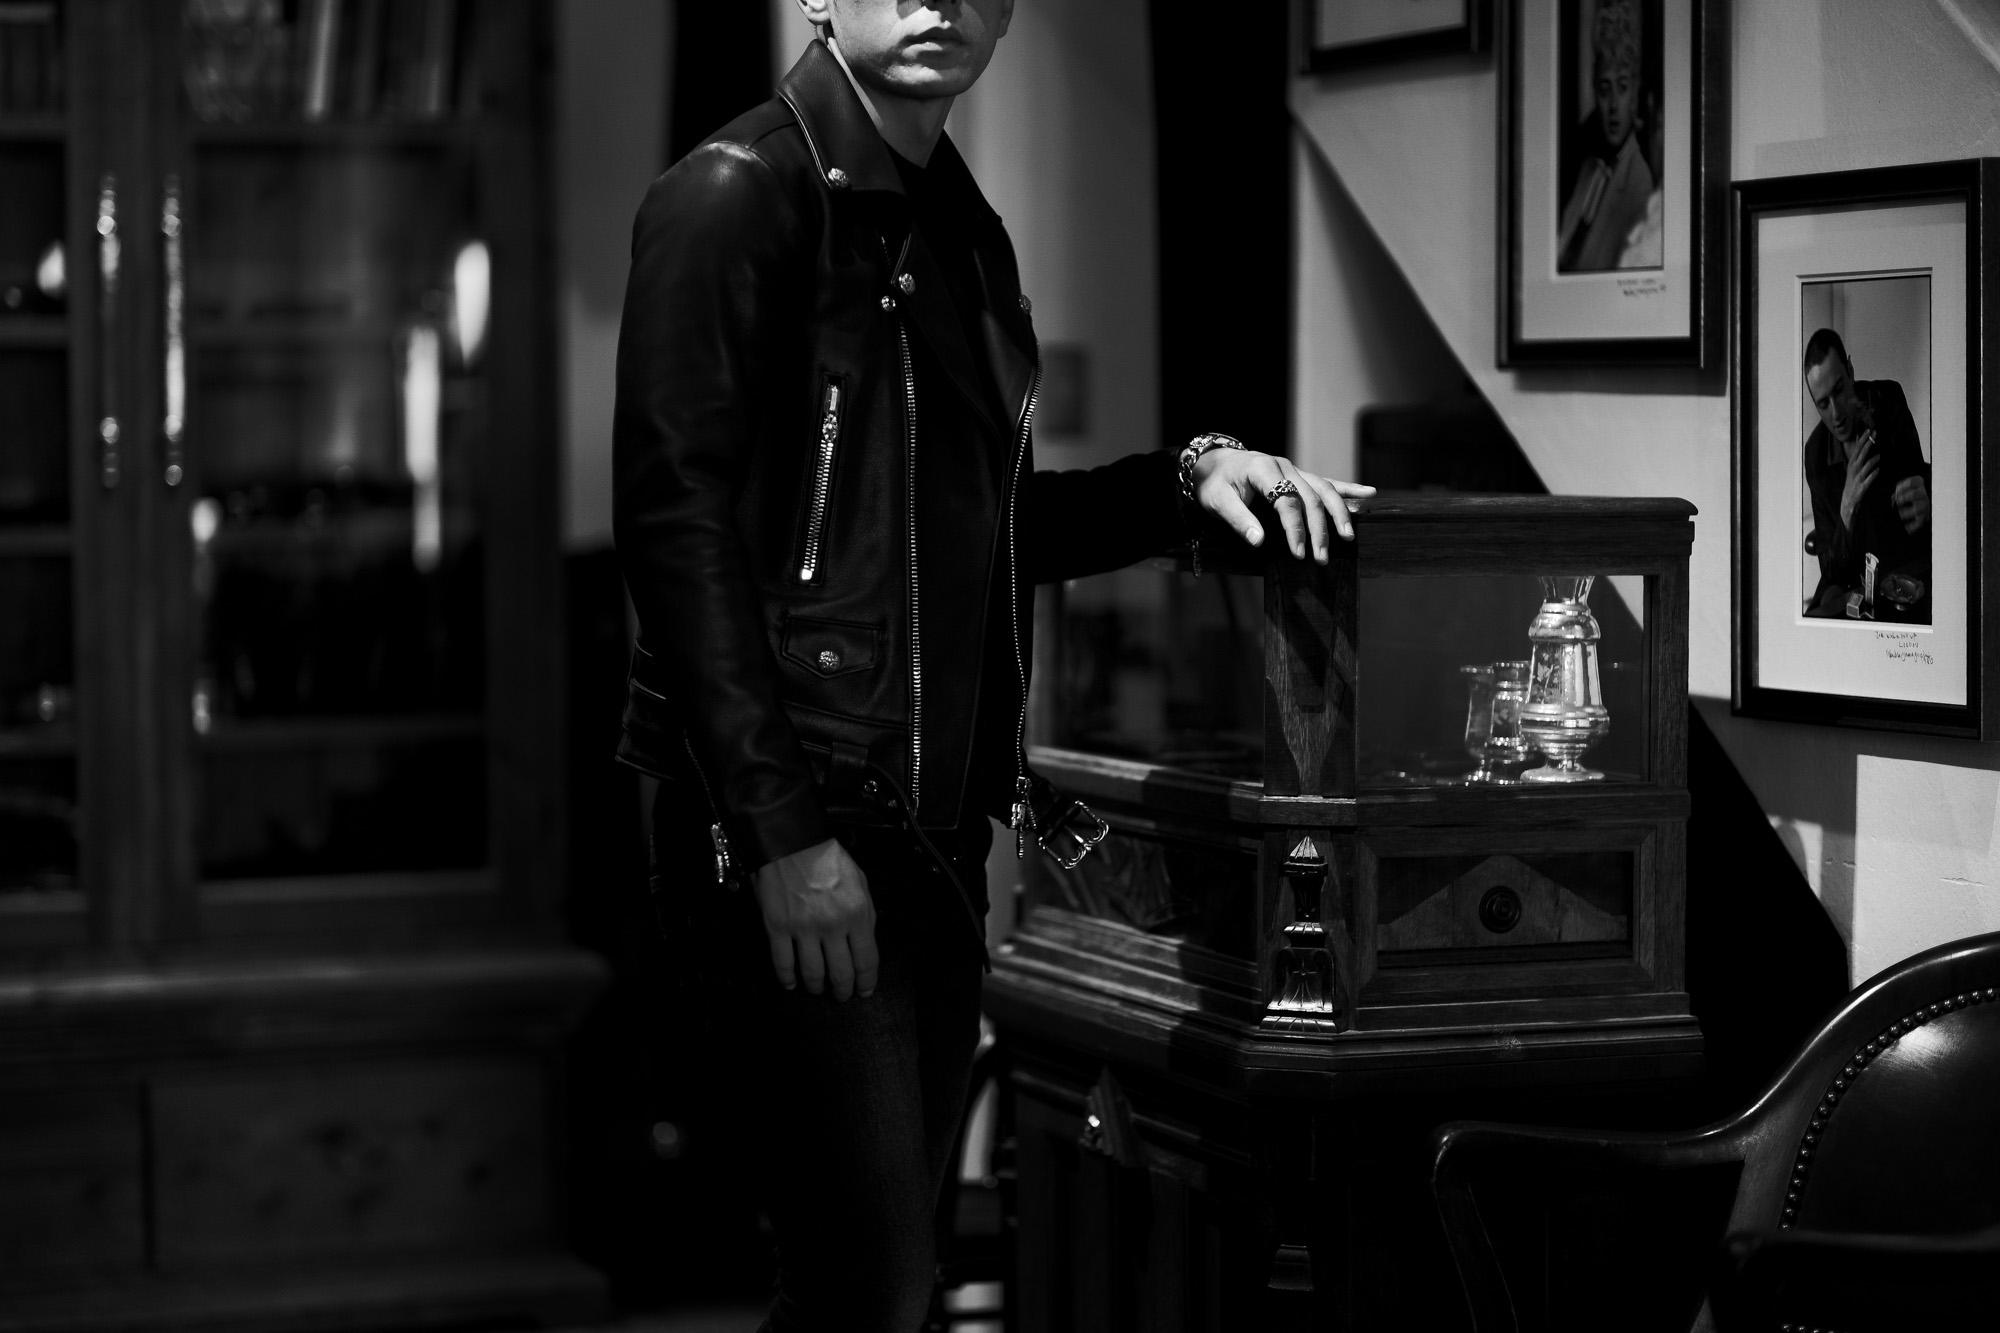 Balvenie Wilhelm (バルヴェニー ヴィルヘルム) No.01 DOUBLE RIDERS 925 SILVER (ナンバーゼロワン ダブルライダース 925シルバー) COW LEATHER (カウレザー) レザージャケット ダブルライダース ジャケット BLACK (ブラック) Made In England (イギリス製) 【Special Model】 スペシャルモデル 愛知 名古屋 Alto e Diritto altoediritto アルトエデリット レザージャケット ライダースジャケット CHROMEHEARTS クロムハーツ レザー クロムハーツライダース